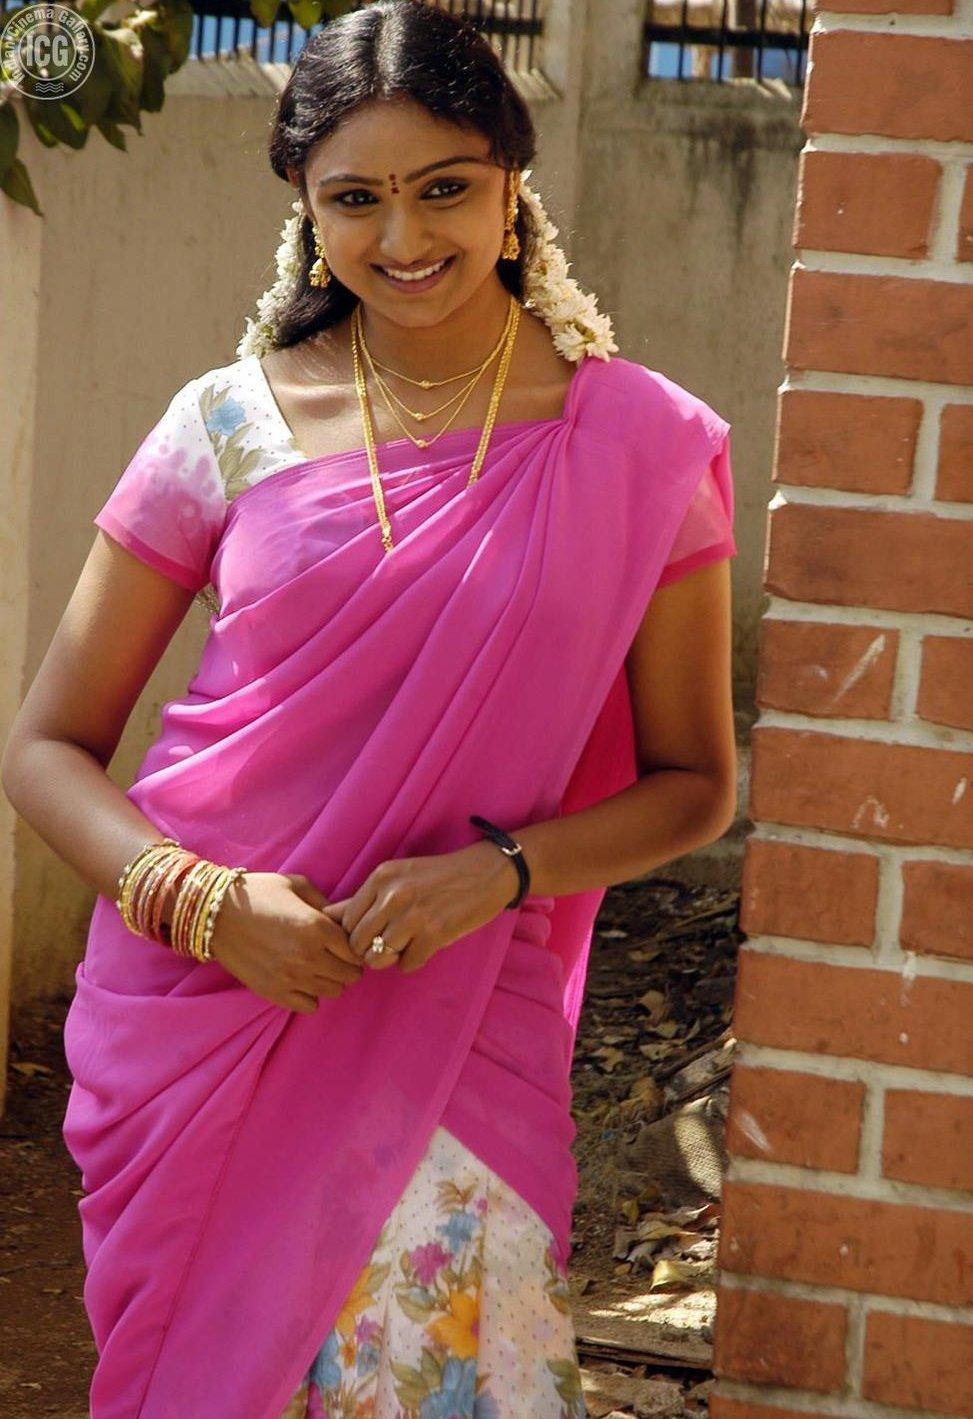 Фото индианок красивых в одежде и без фото 457-606